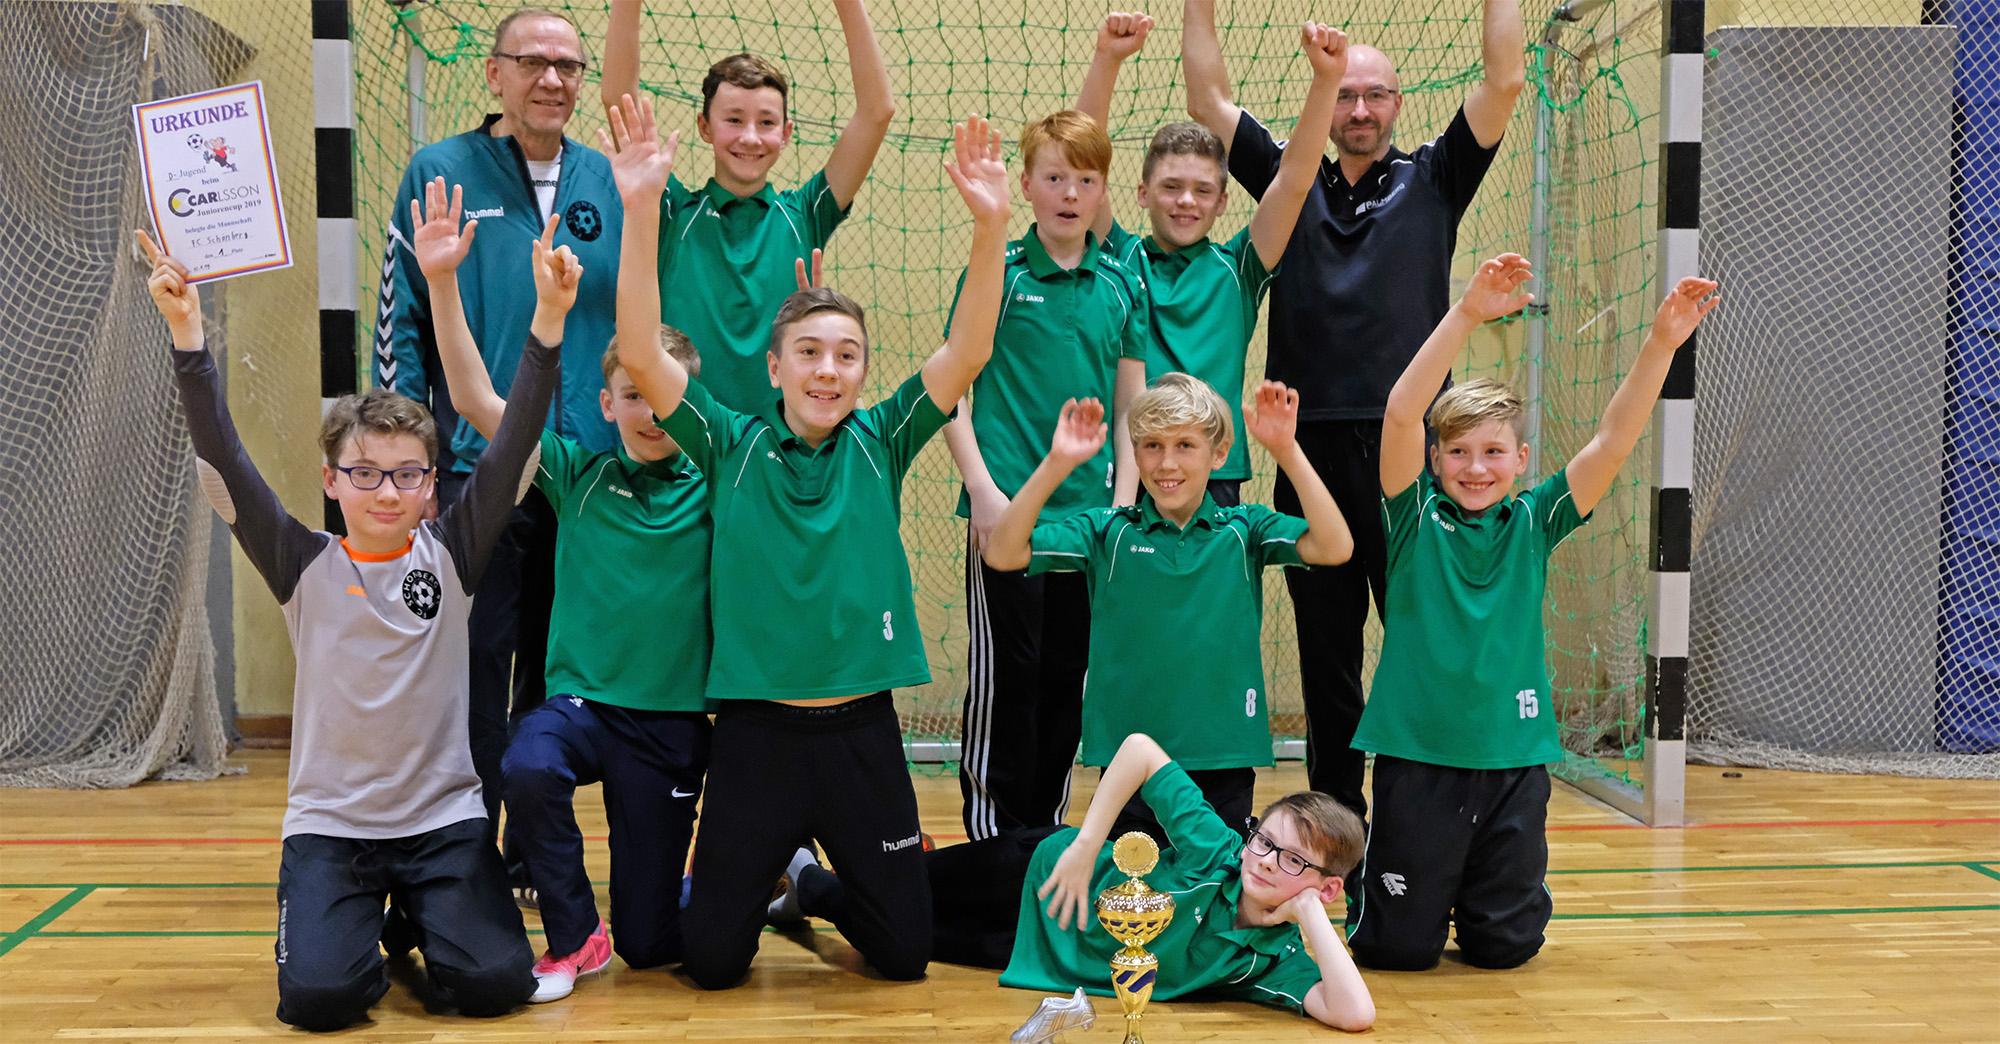 Mit diesem Team gewann die D1, vorn Torschützenkönig Levi Wulff, das Turnier in Rehna.